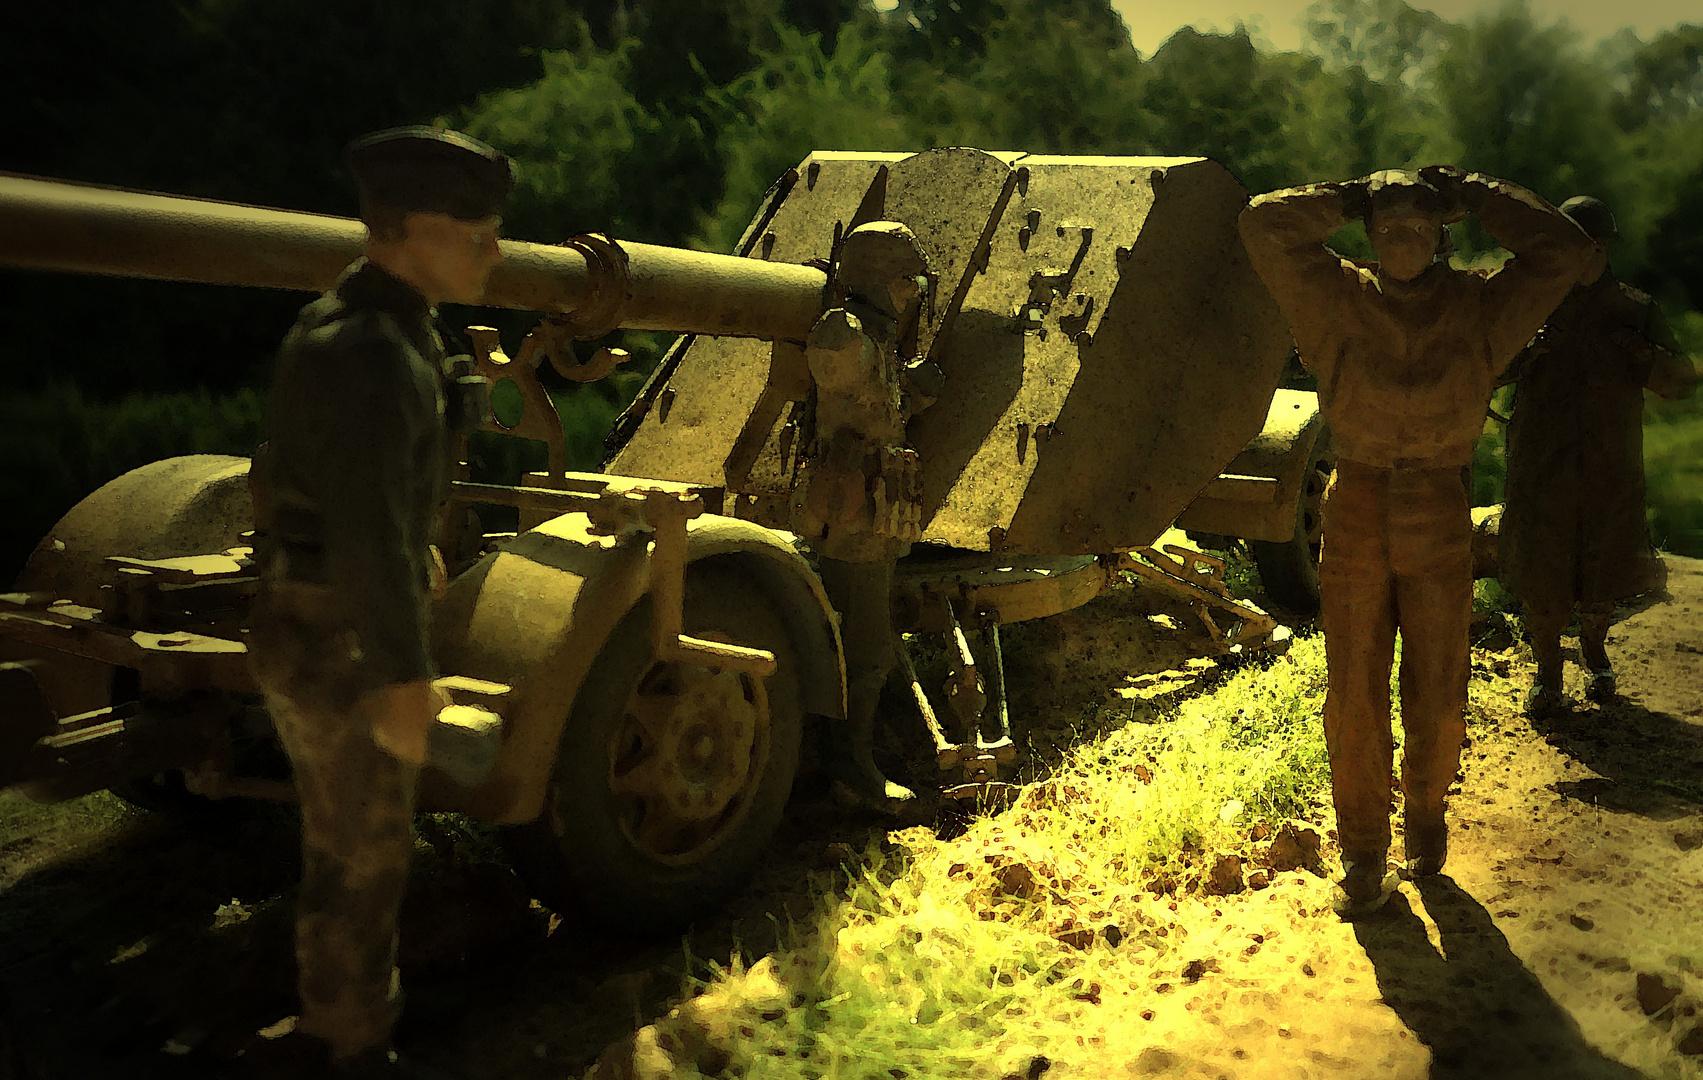 Ardennen 1944 88mm PAK